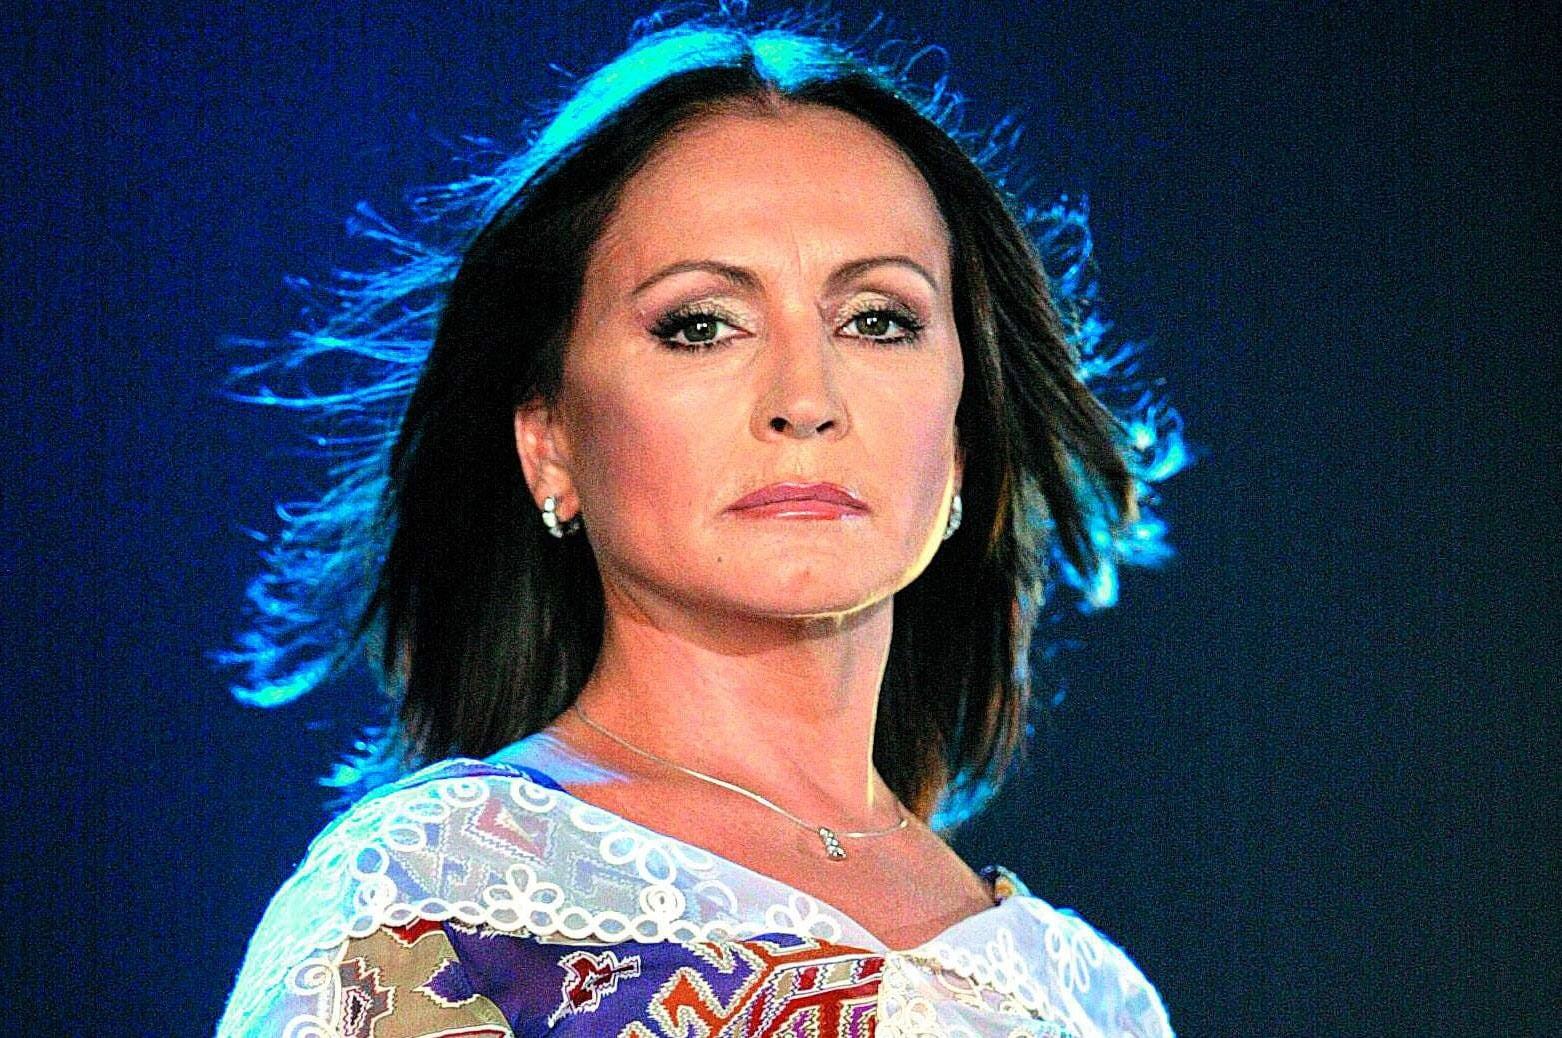 Сколько лет Софии Ротару в 2019 году: певица выглядит очень молодо, дважды бабушка